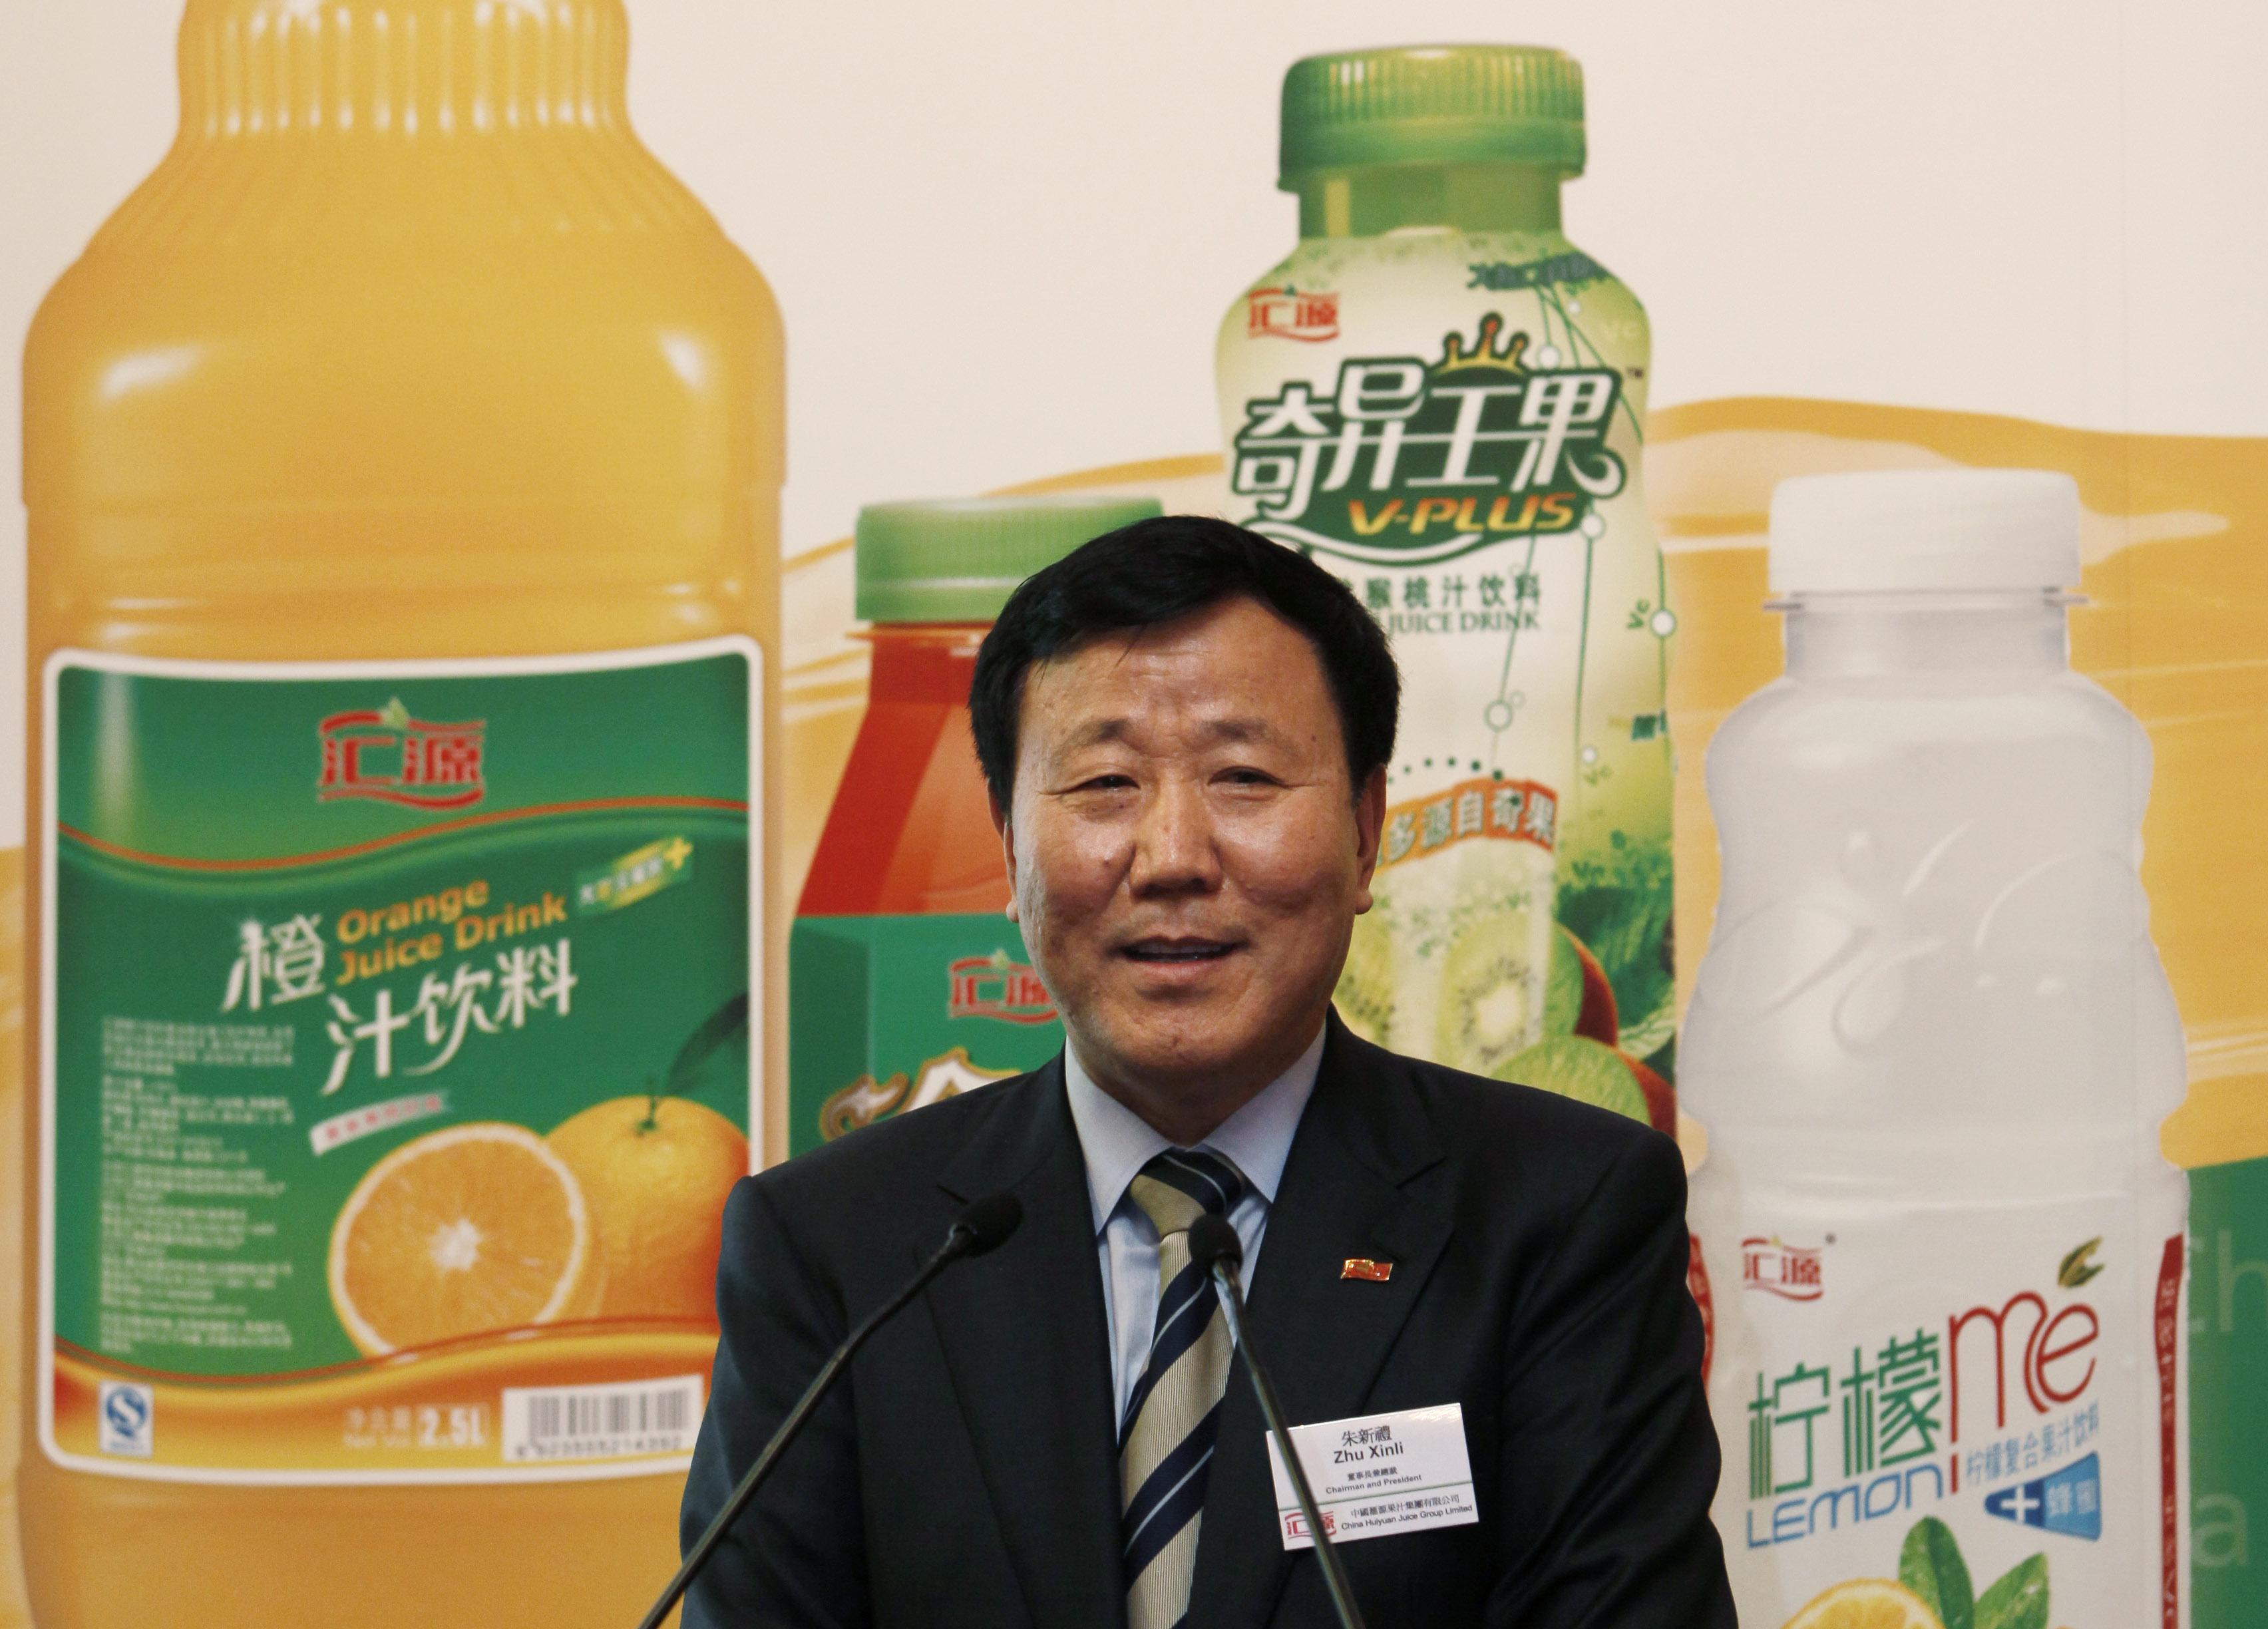 """汇源果汁卖身还债,天地壹号""""再加一道菜""""-新经济"""